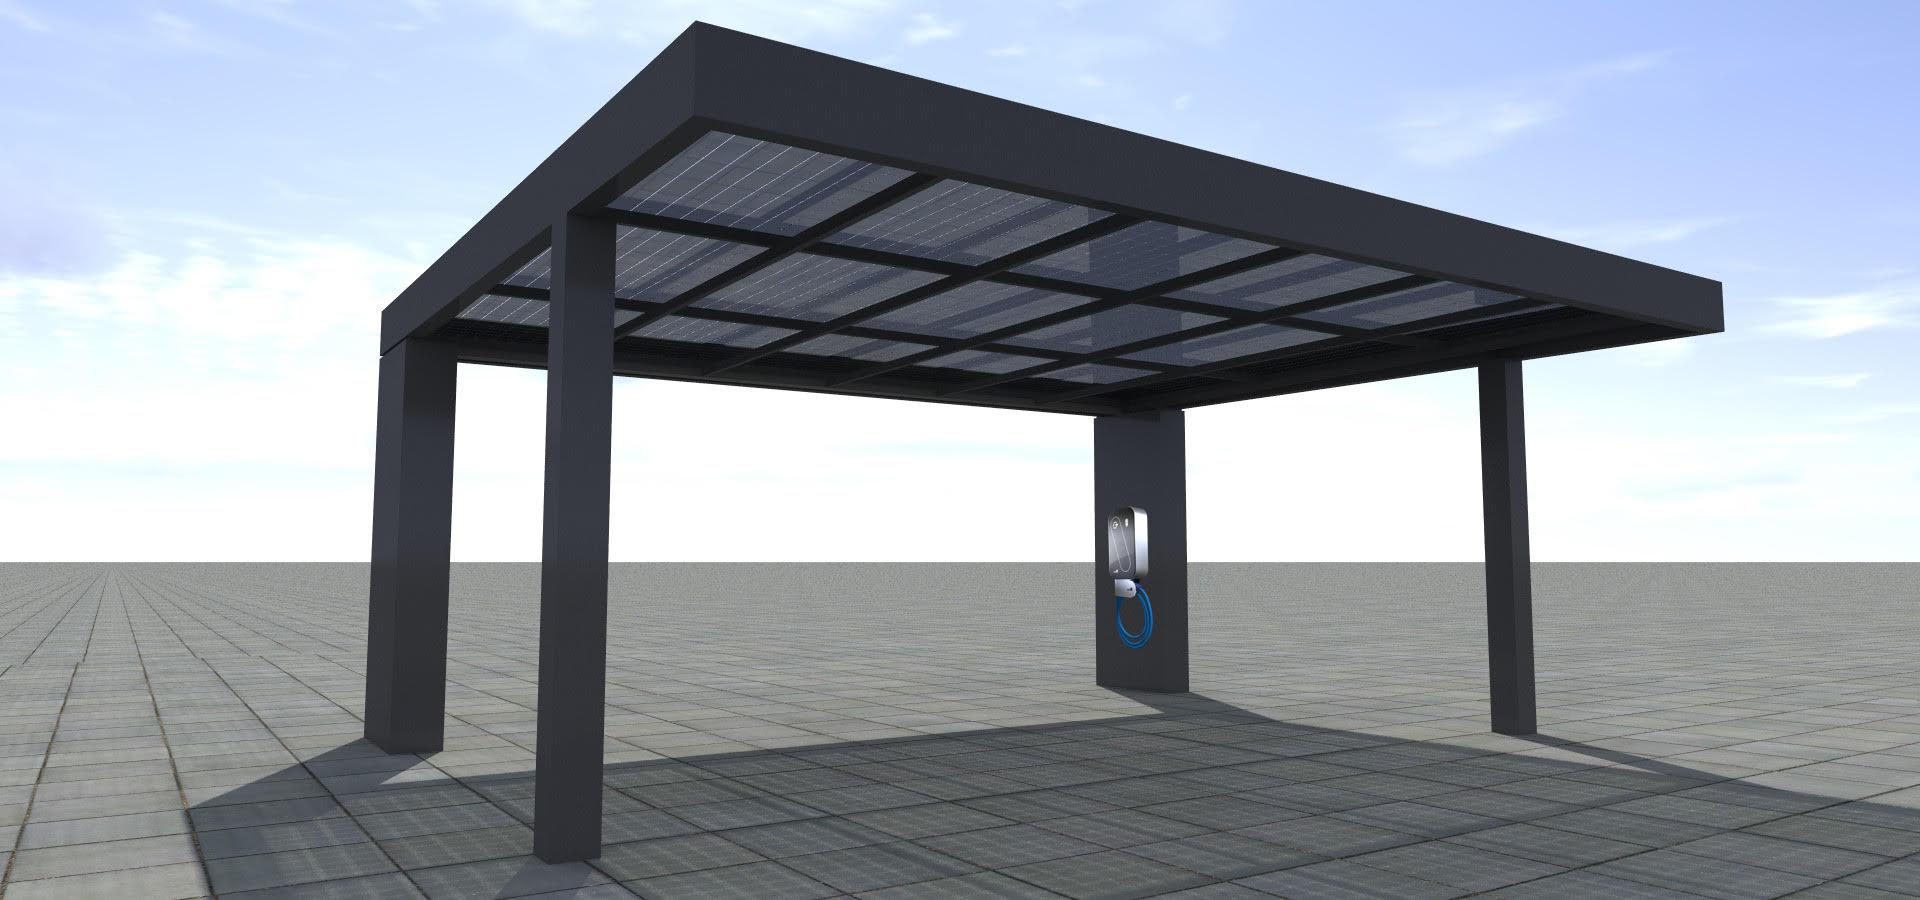 eKubo Photovoltaik Carport